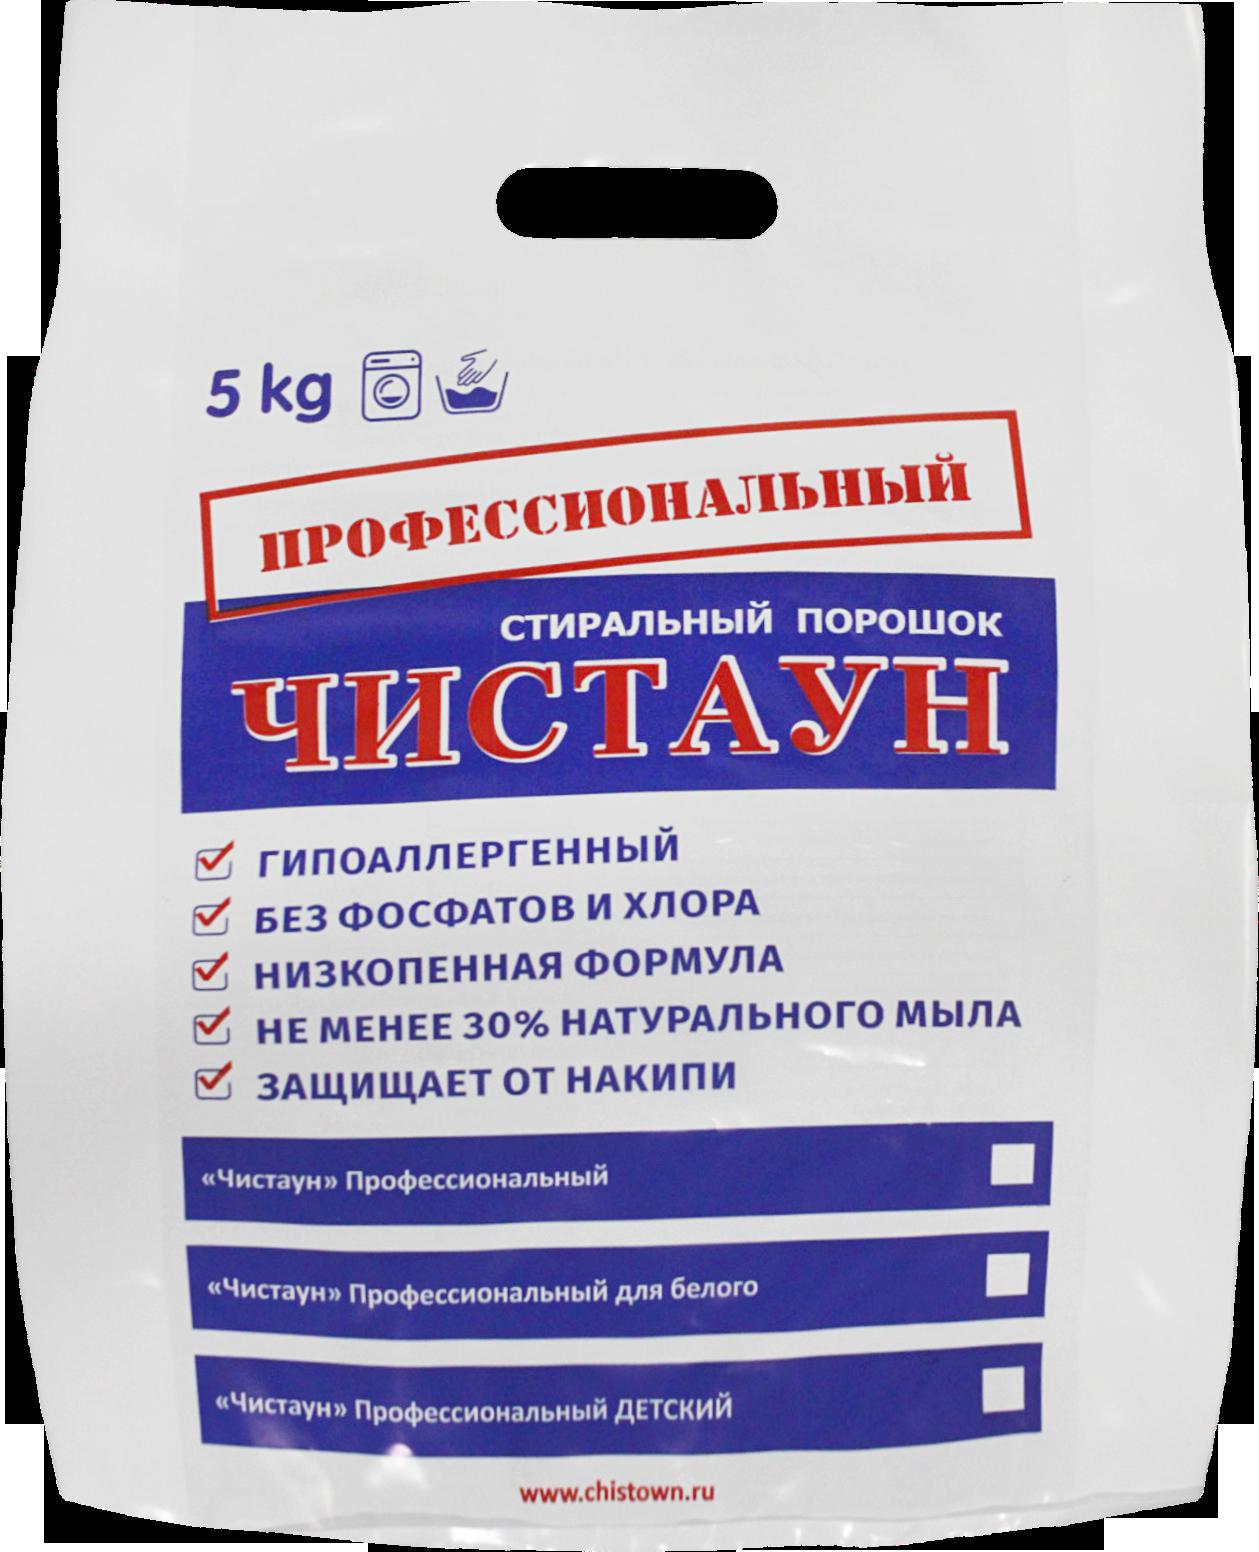 Бесфосфатный стиральный порошок ЧИСТАУН ПРОФЕССИОНАЛЬНЫЙ 5 кг